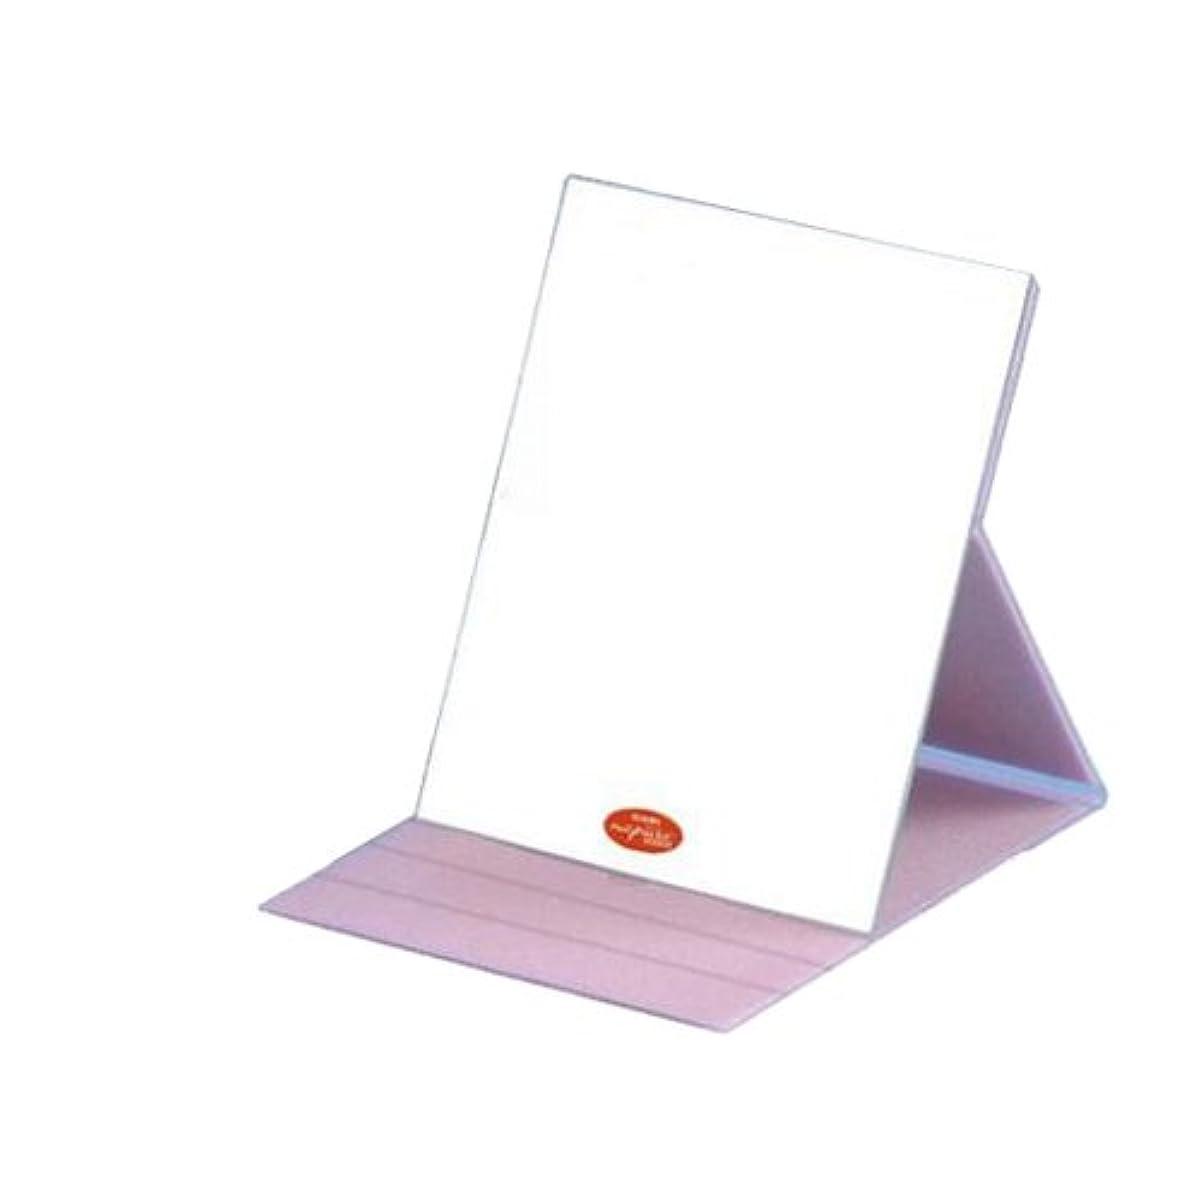 びんペダル露骨なHP-61 ナピュア プロモデル角度調整3段階付き折立ミラー エコ?ピンク(L)